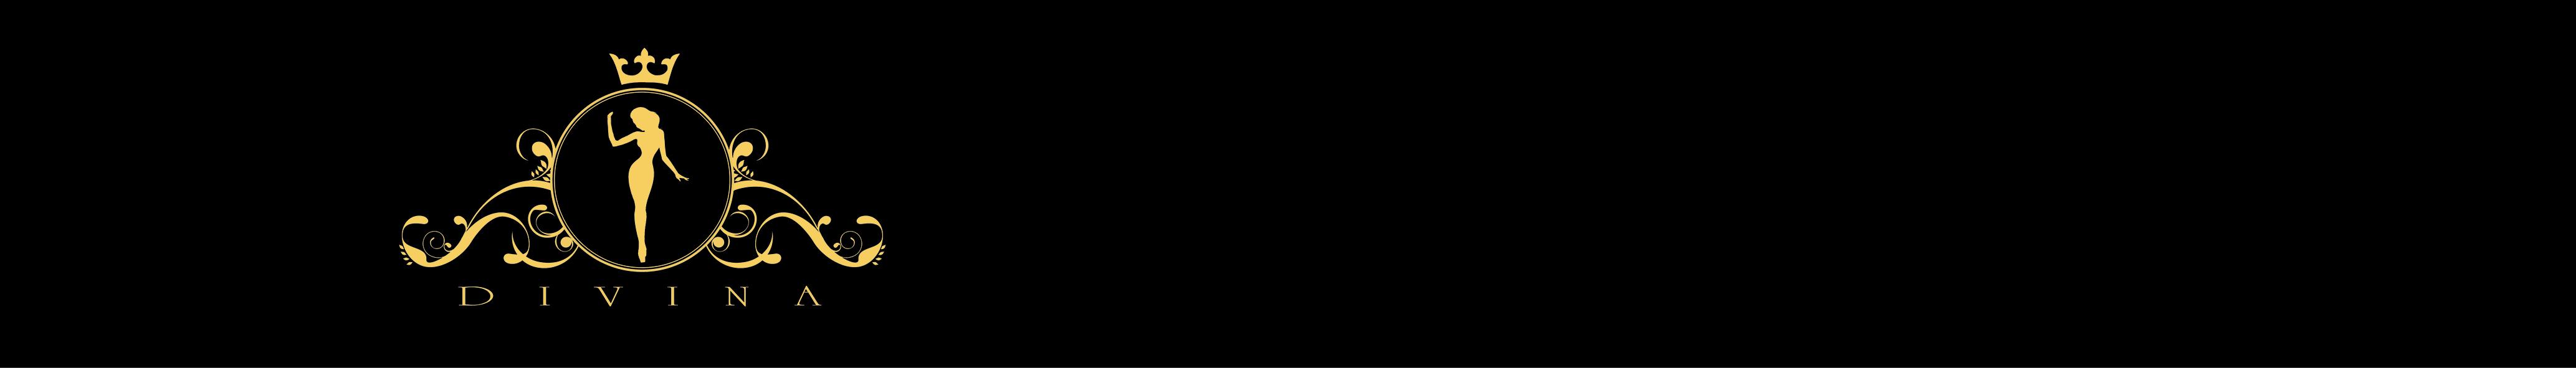 devina-zwart-lang